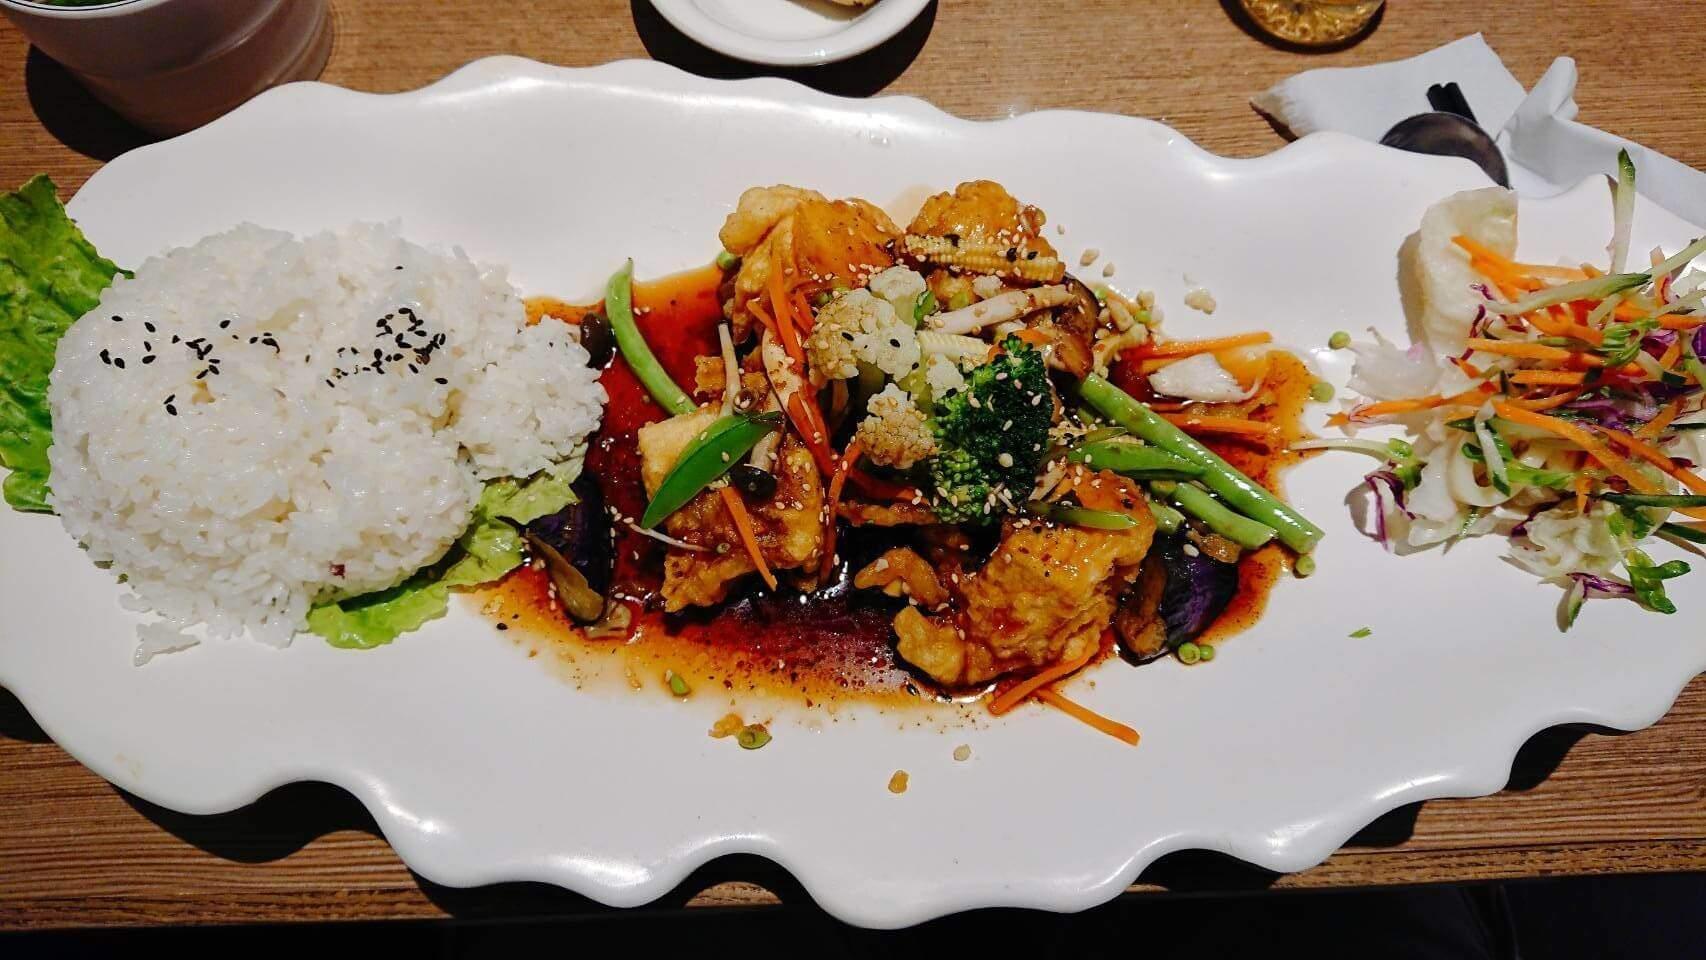 【花蓮市區】綠色大地–吃起來不很素食的素食餐廳